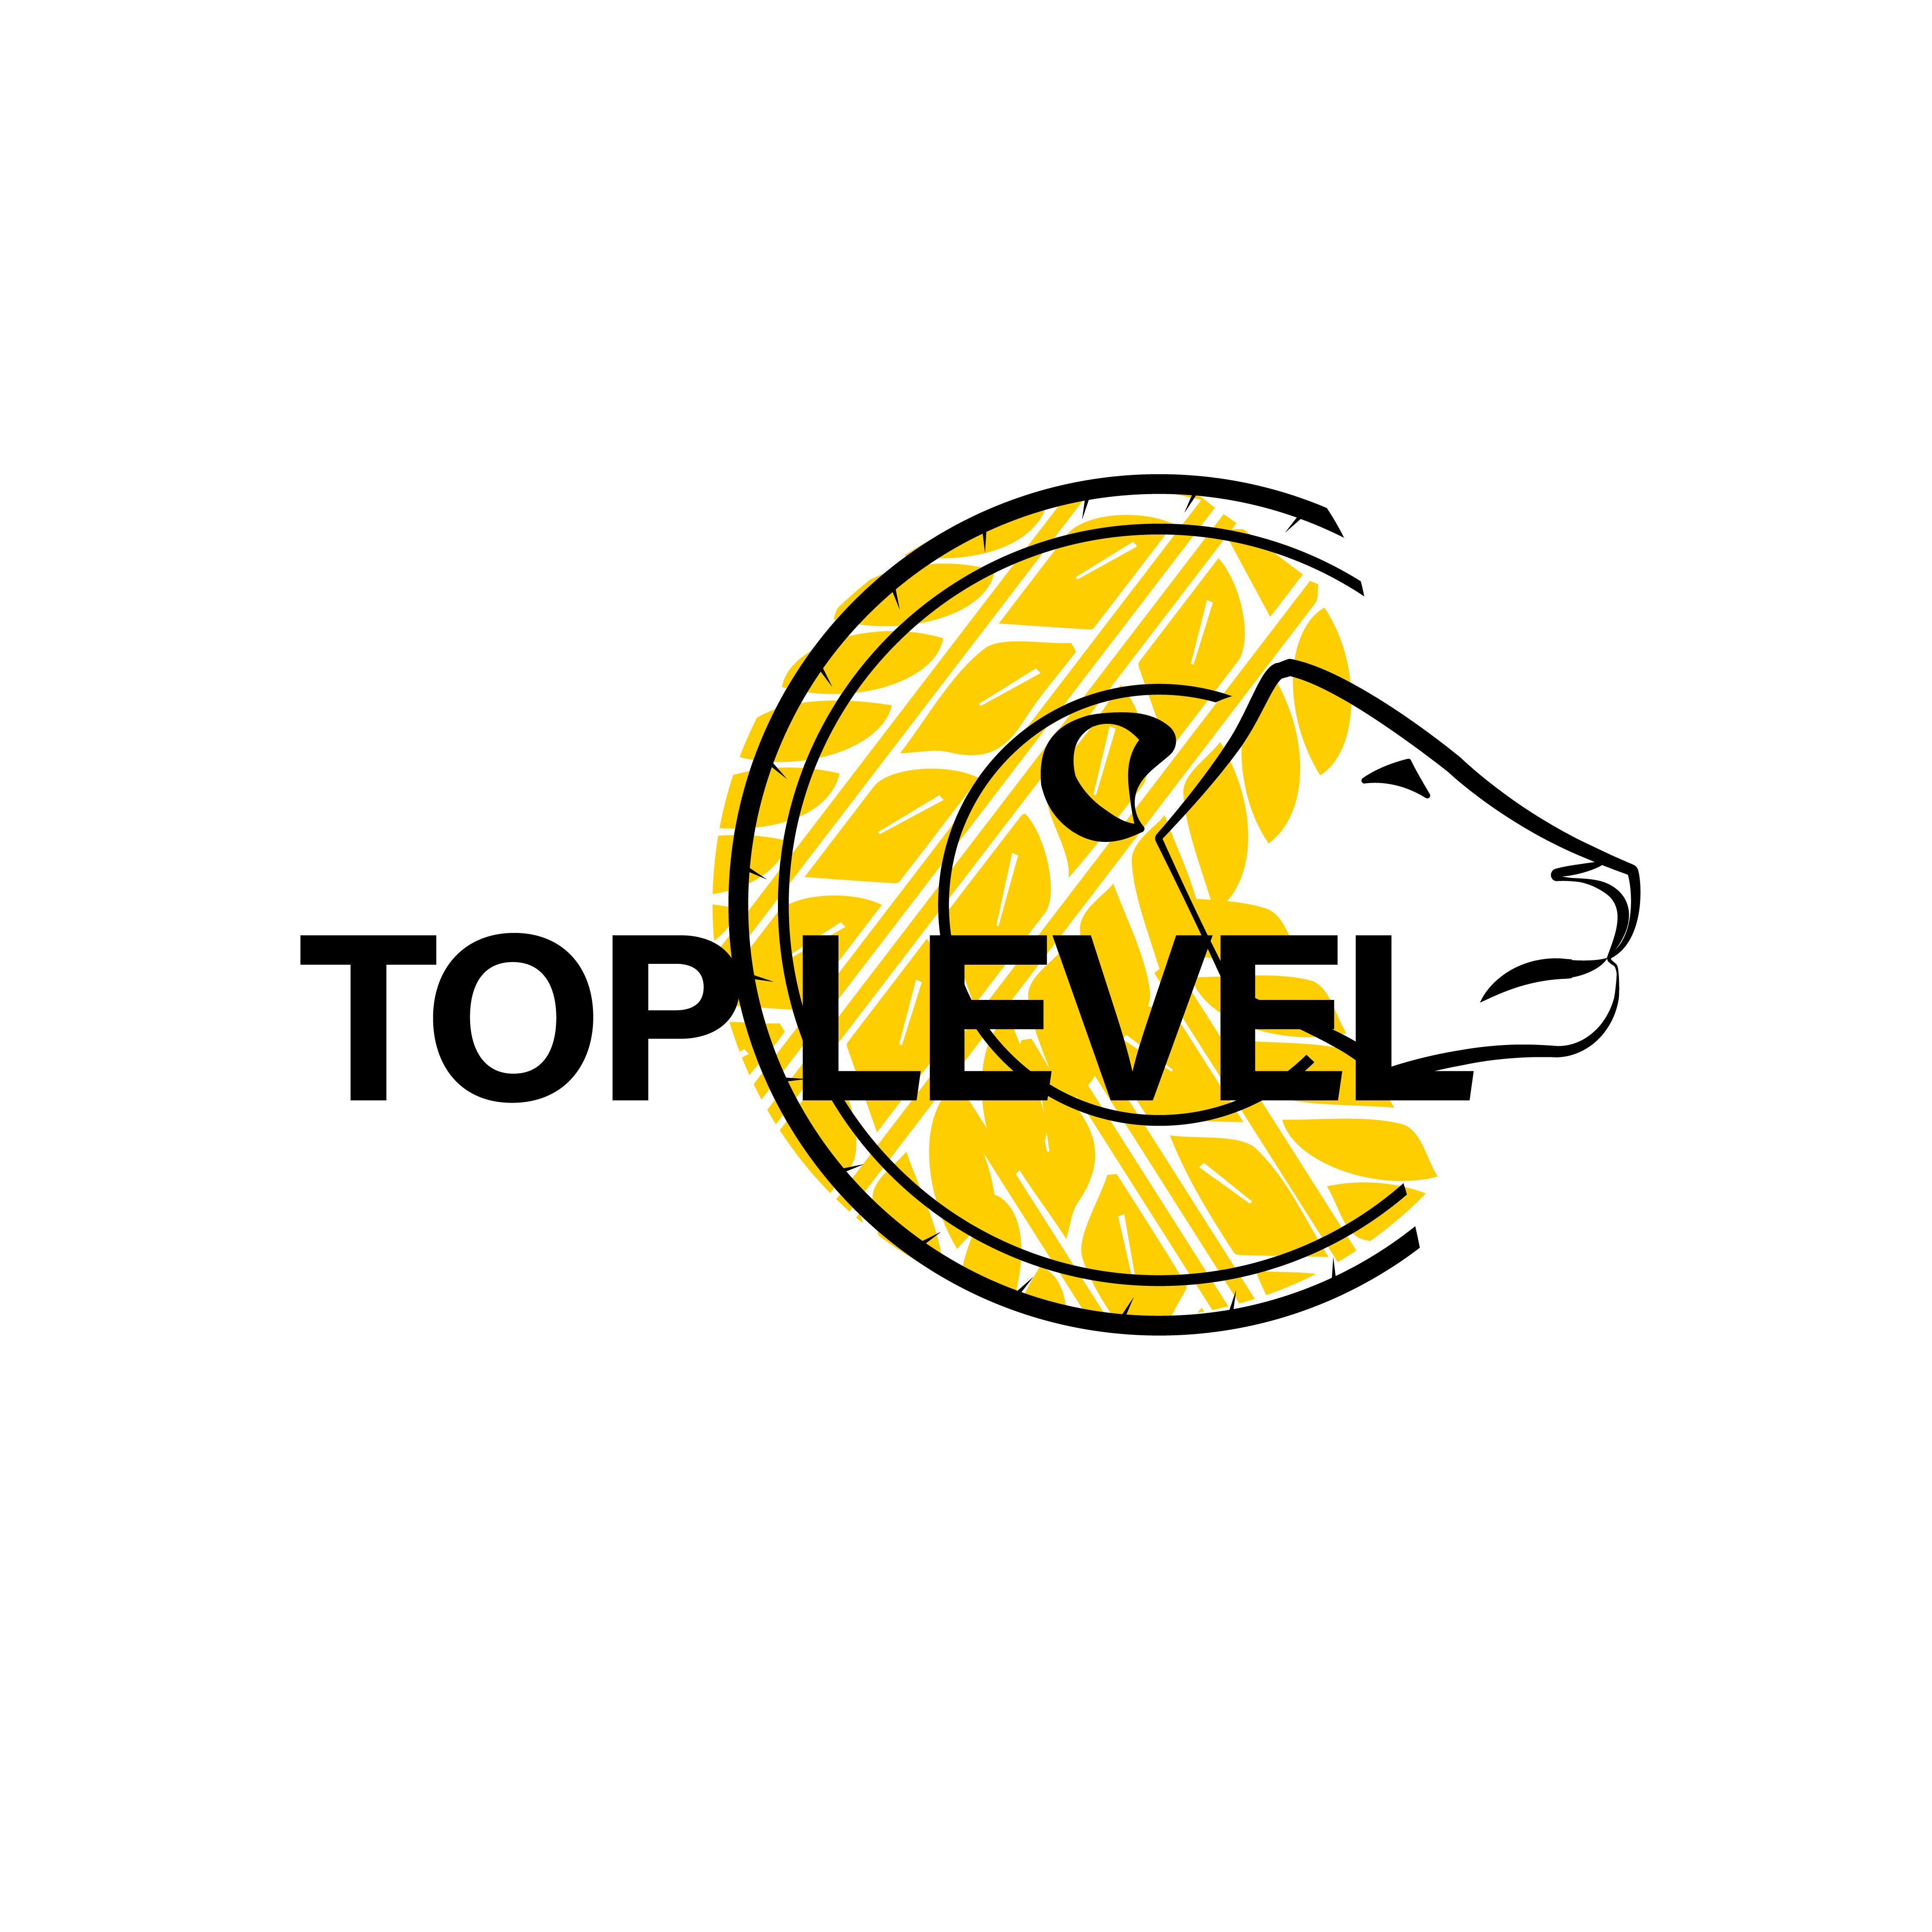 Разработка логотипа для тюнинг ателье фото f_6725f3764aaf1339.jpg